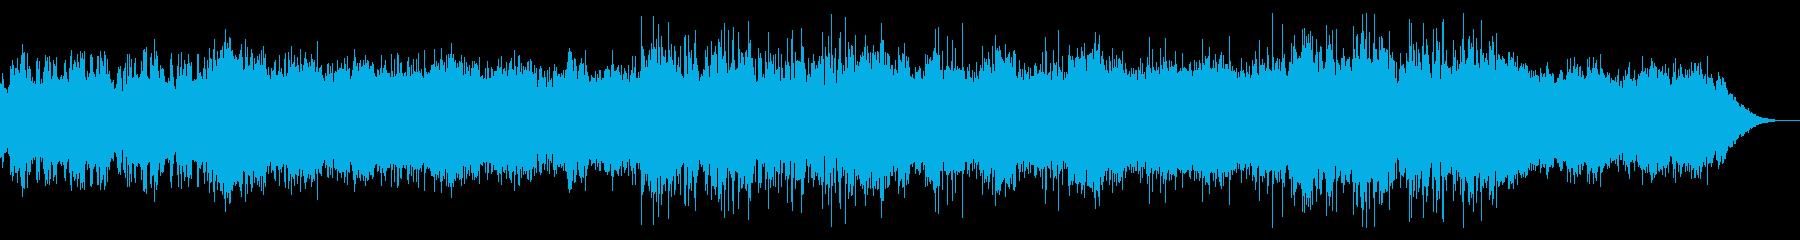 薄暗いアンビエントテクスチャの再生済みの波形